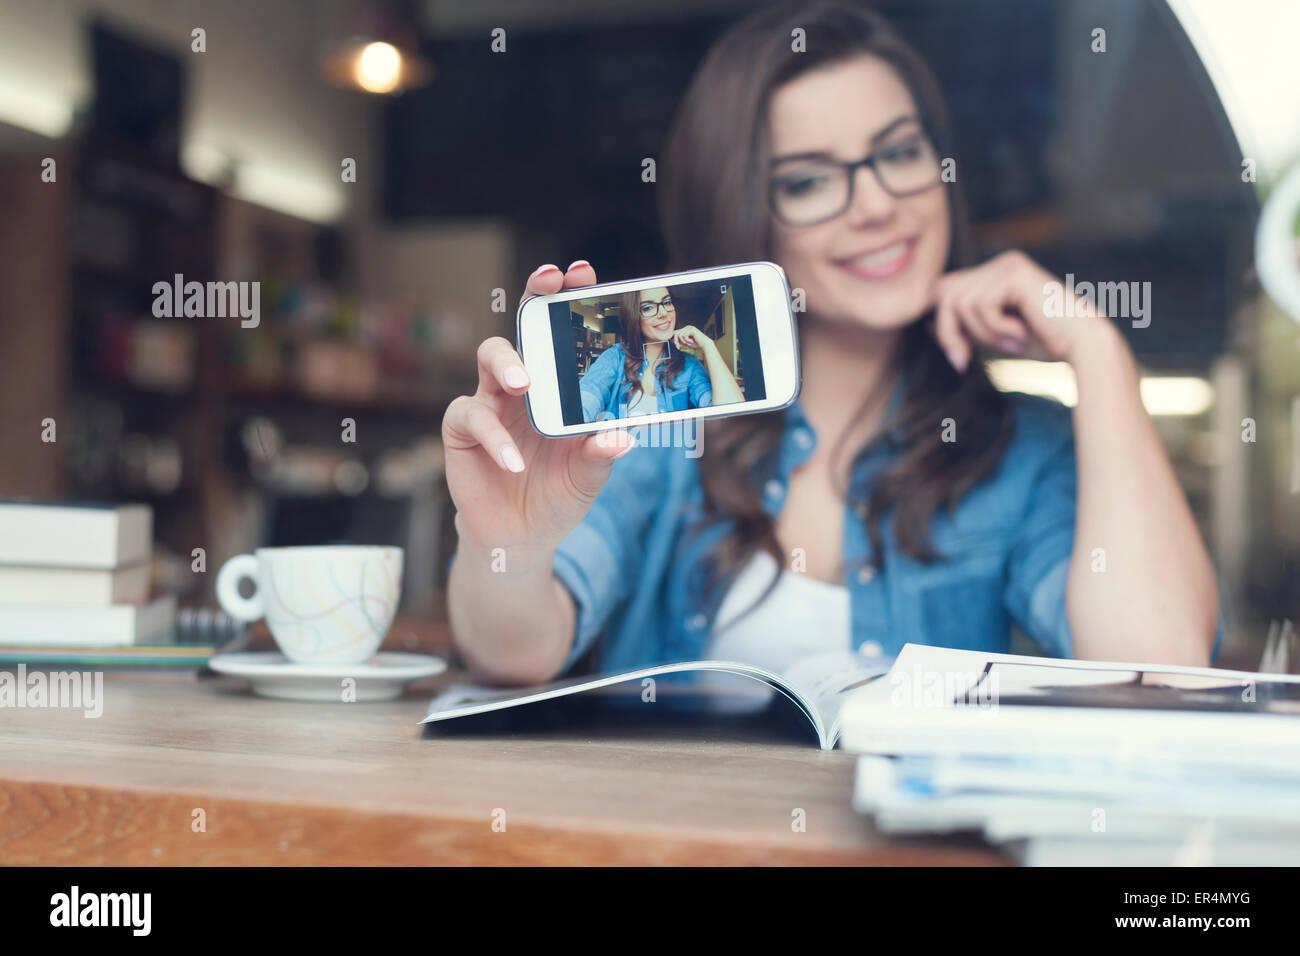 Attraktive Frau, die Selbstporträt mit dem Handy. Krakau, Polen Stockbild